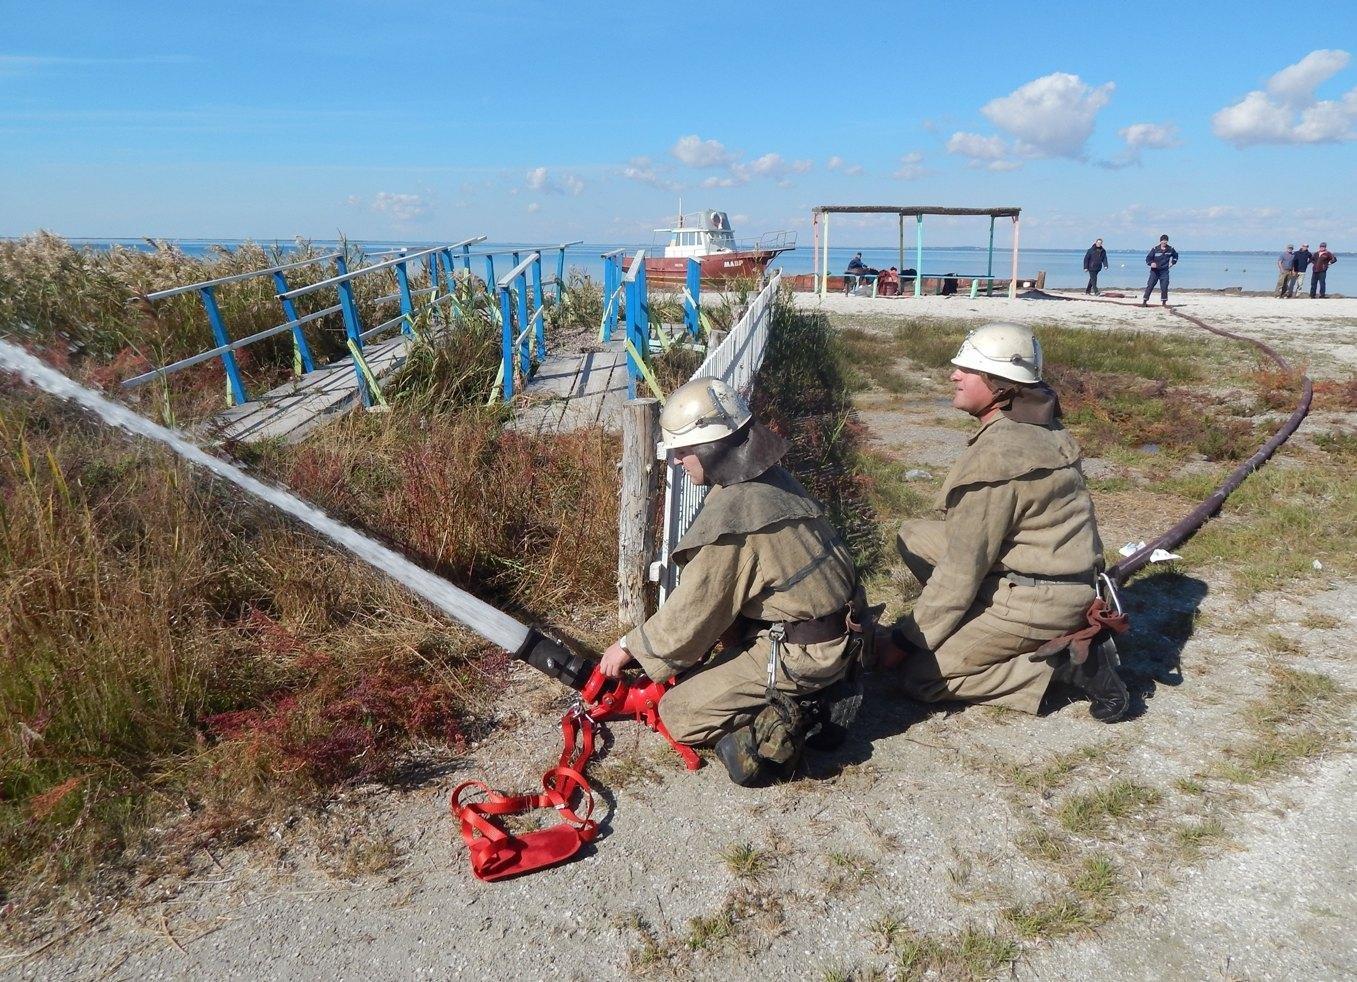 На острові Джарилгач відбулися тактико-спеціальні навчання з гасіння умовної пожежі, фото-1